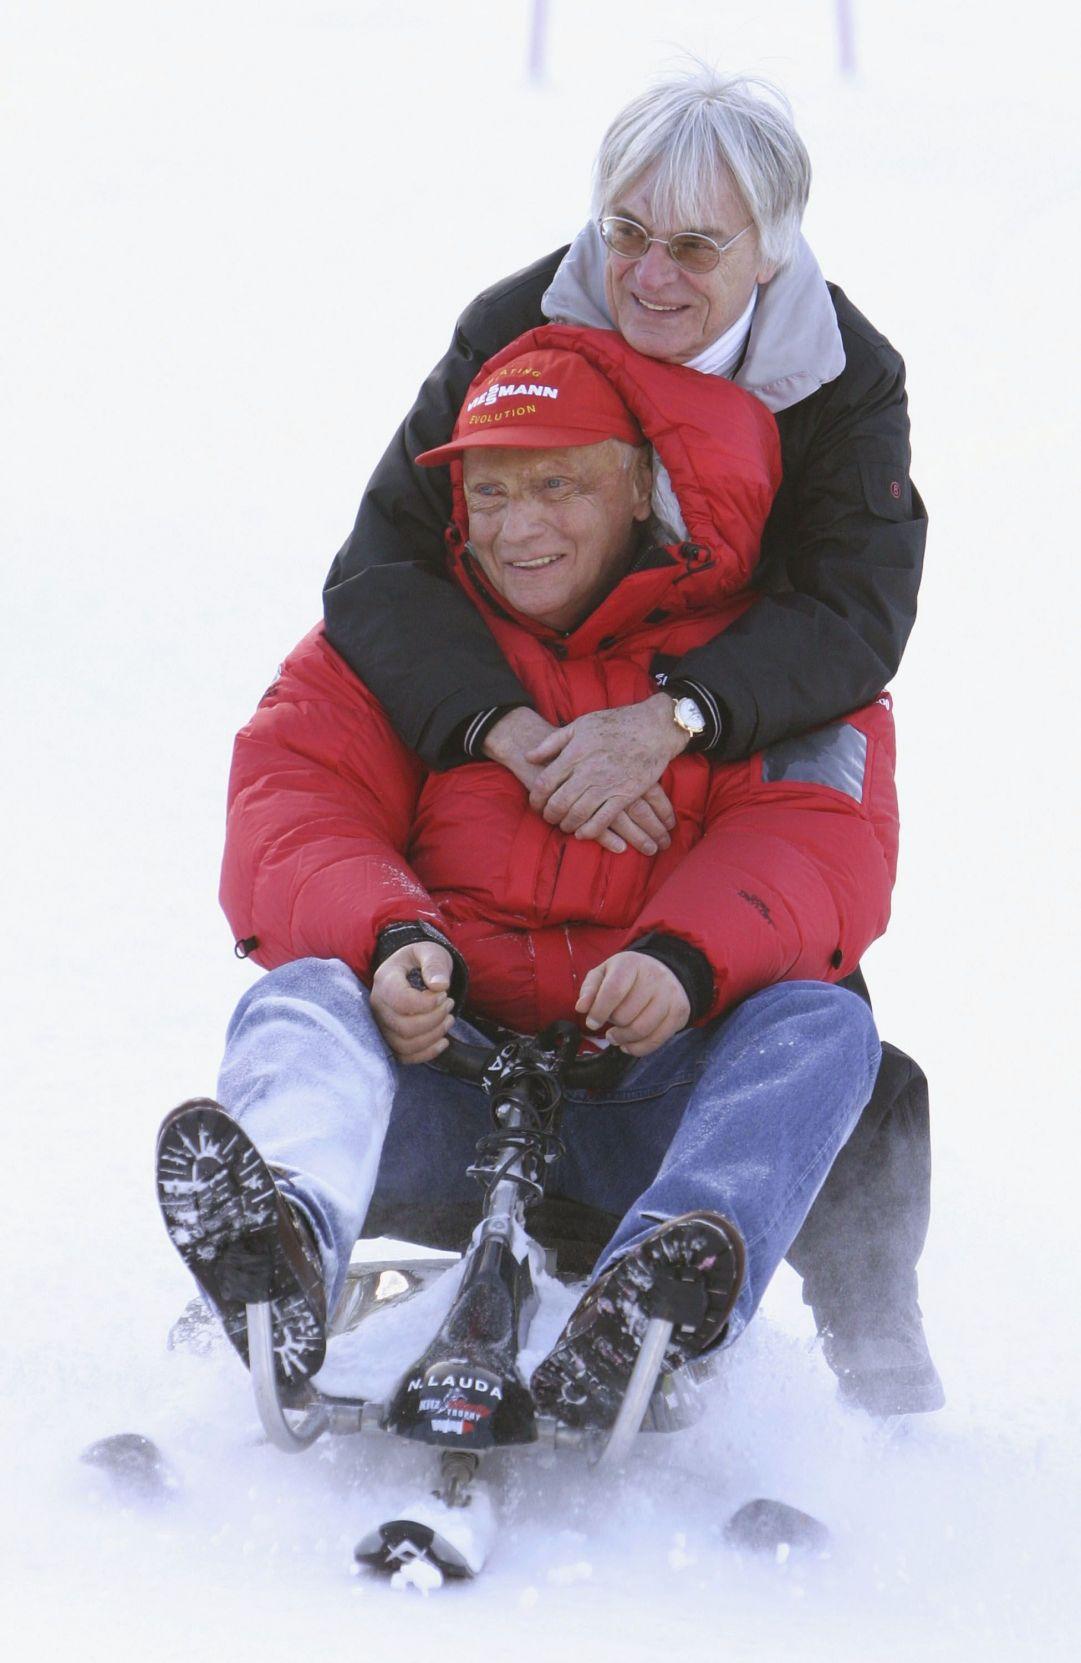 Niki Lauda e Bernie Ecclestone insieme in una delle tante manifestazioni di contorno nel weekend della libera di Kitzbuhel